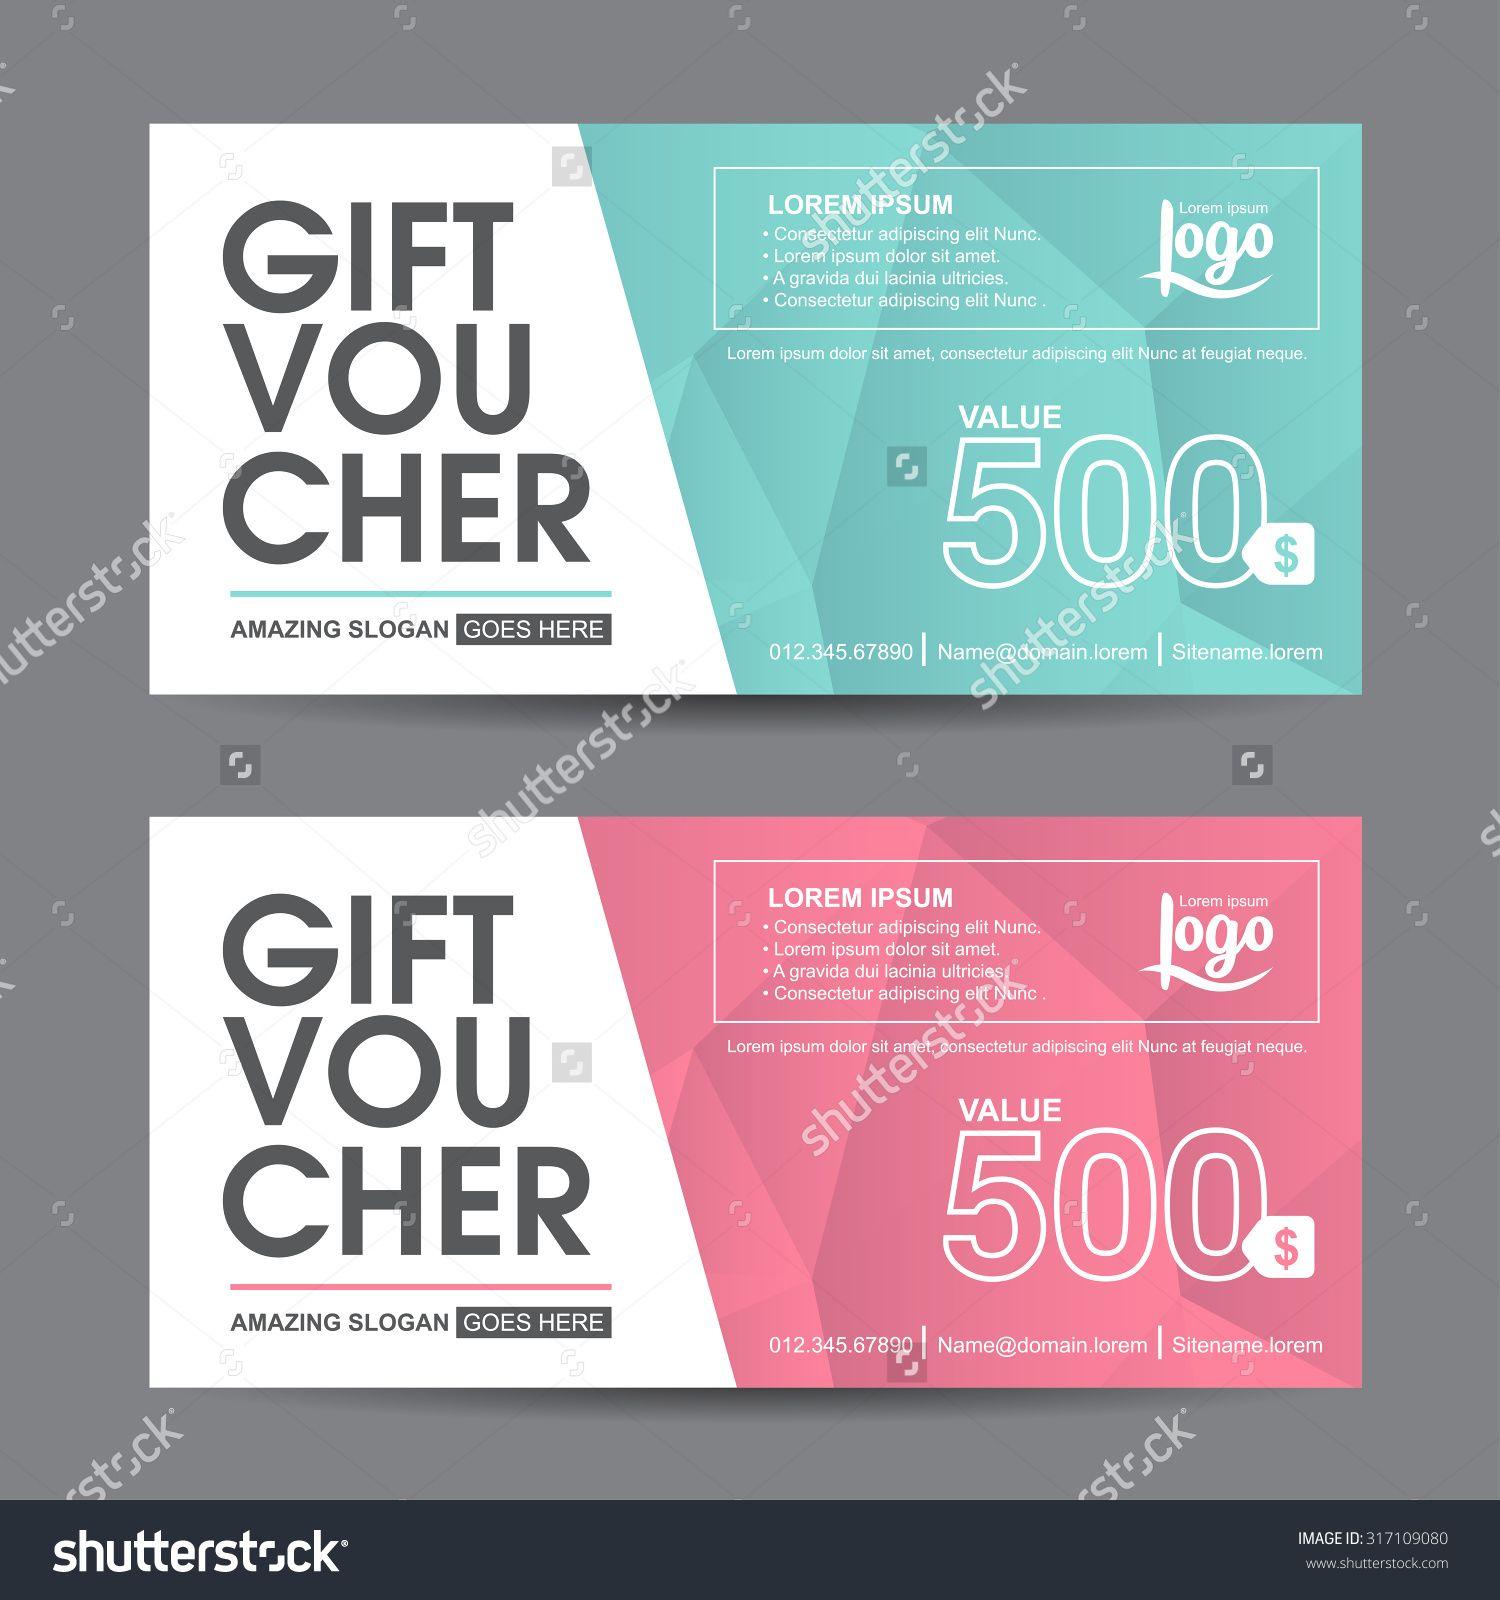 Gift Certificate Voucher Template Stockvectorgiftvouchertemplatewithcolorfulpatterncutegift .